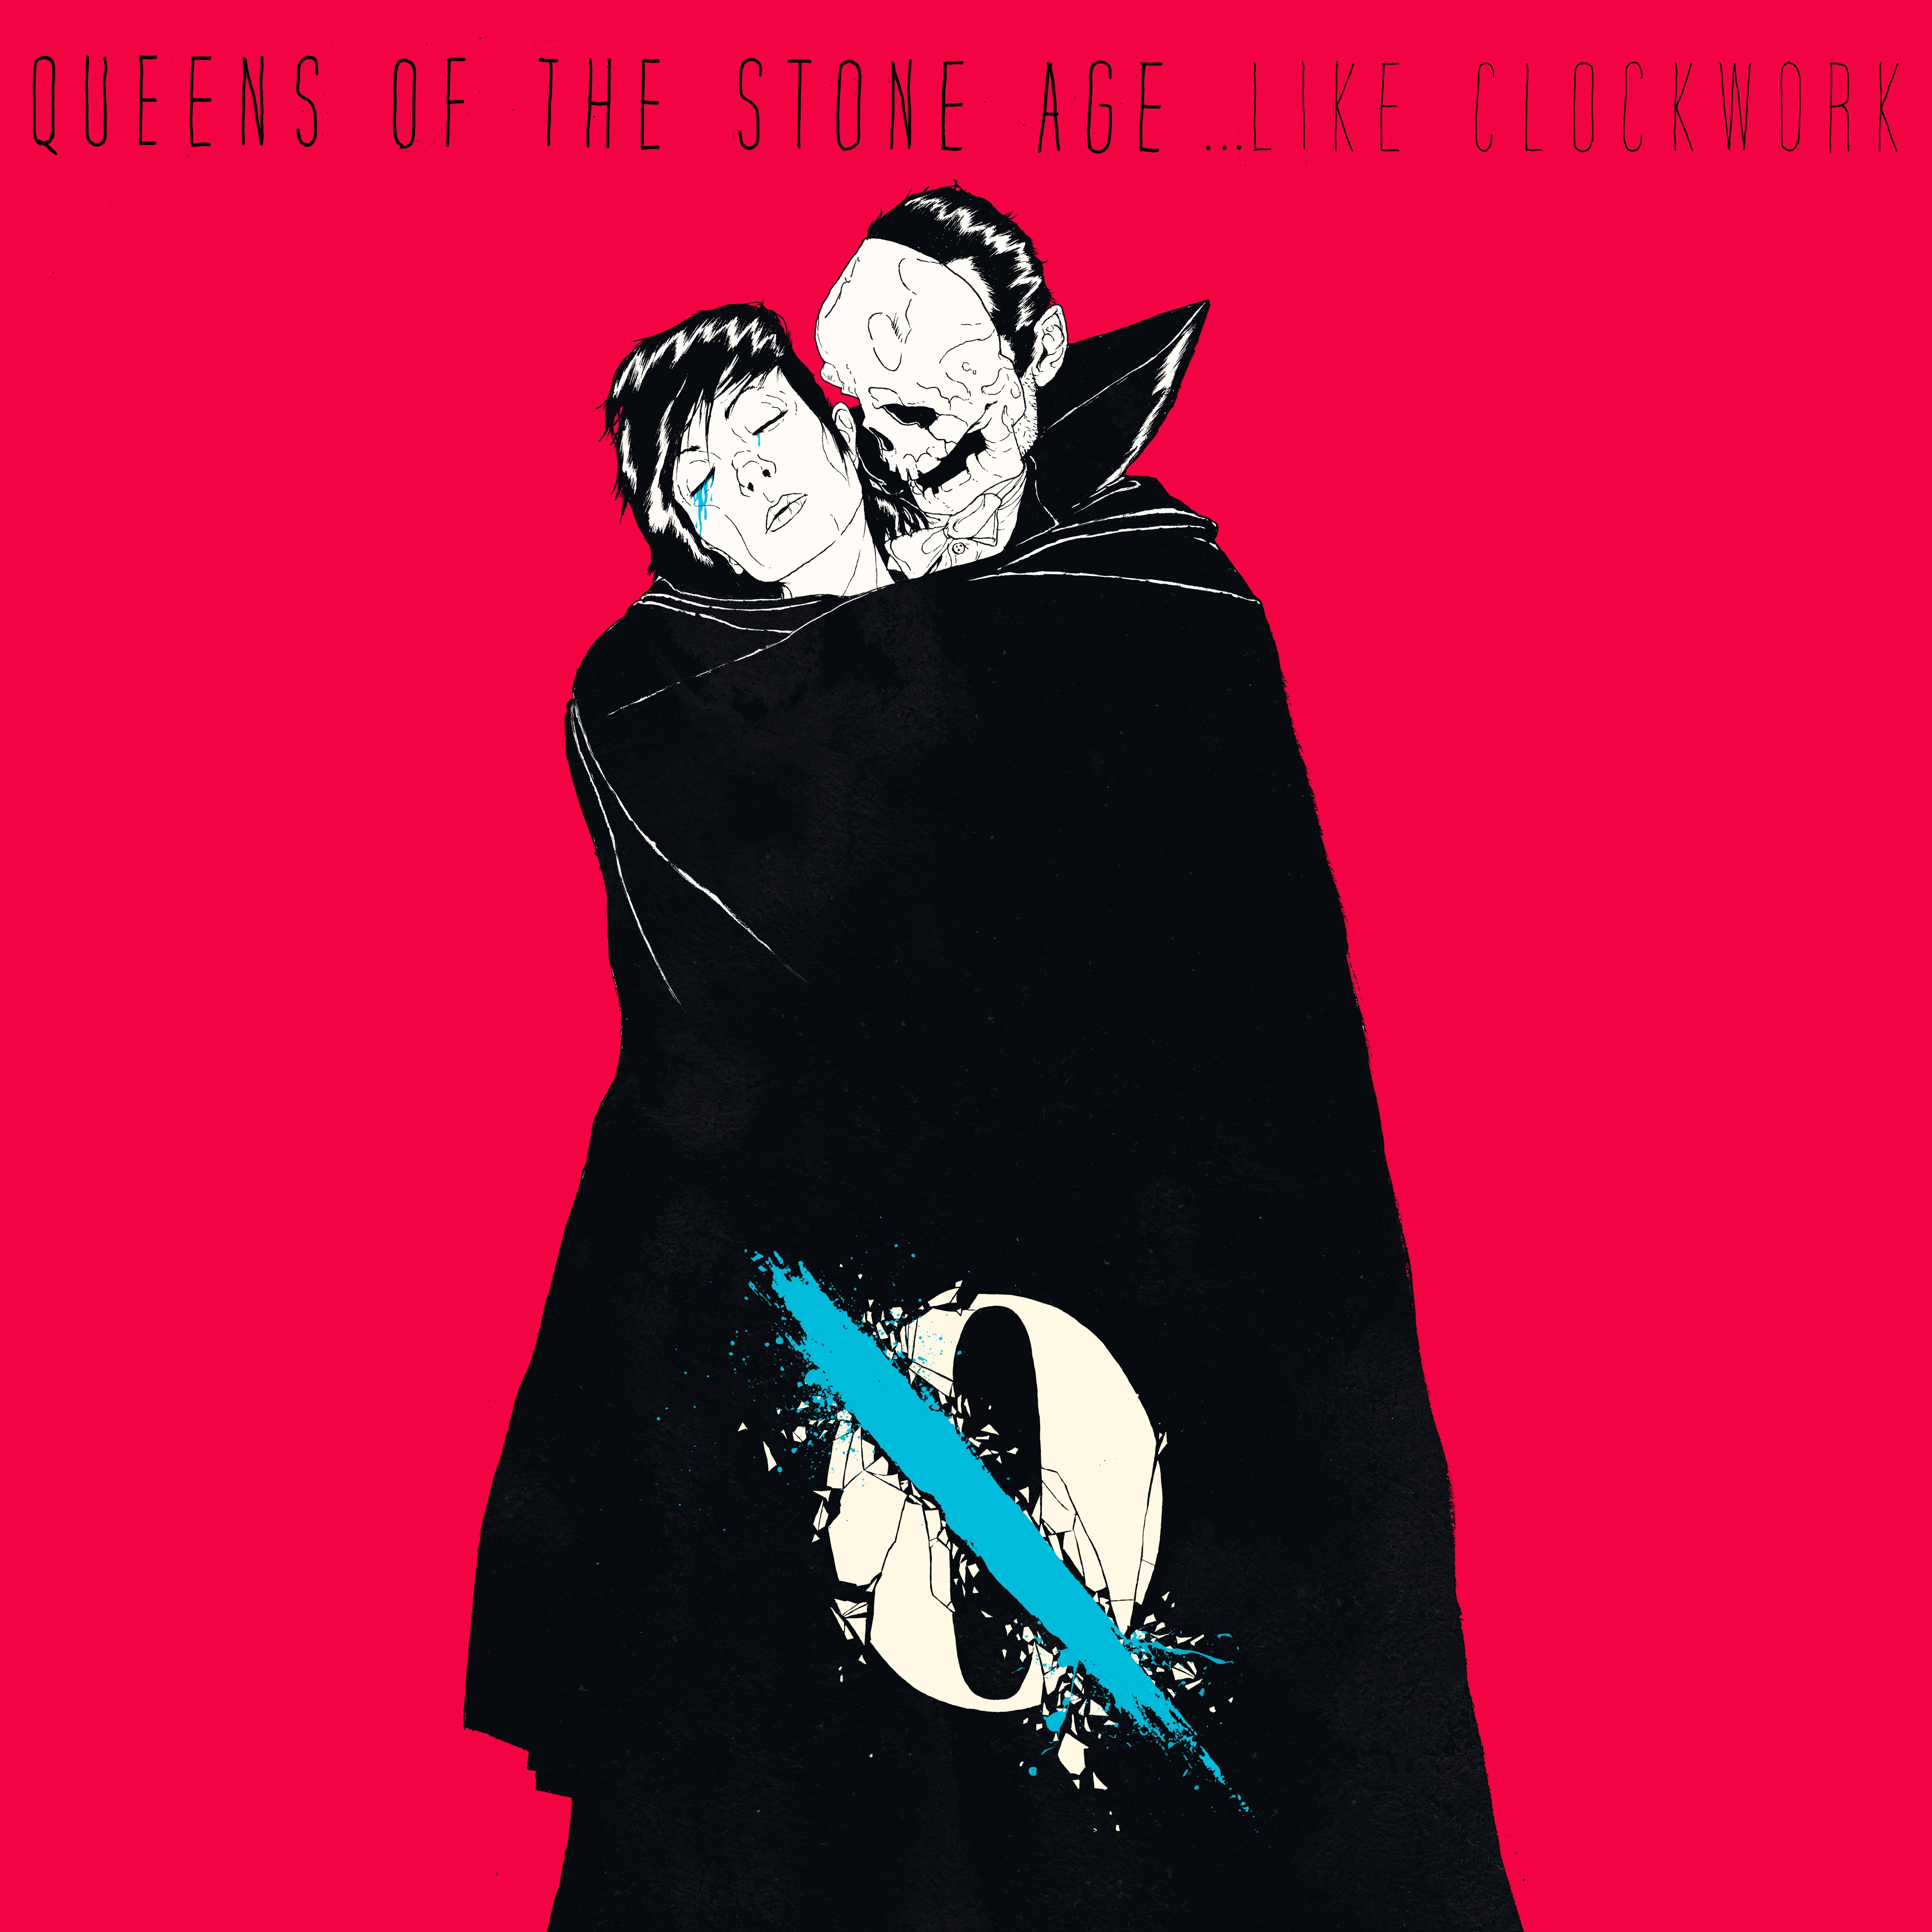 # Tu Top de Álbumes del 2013 Queens-of-the-stone-age-like-clockwork